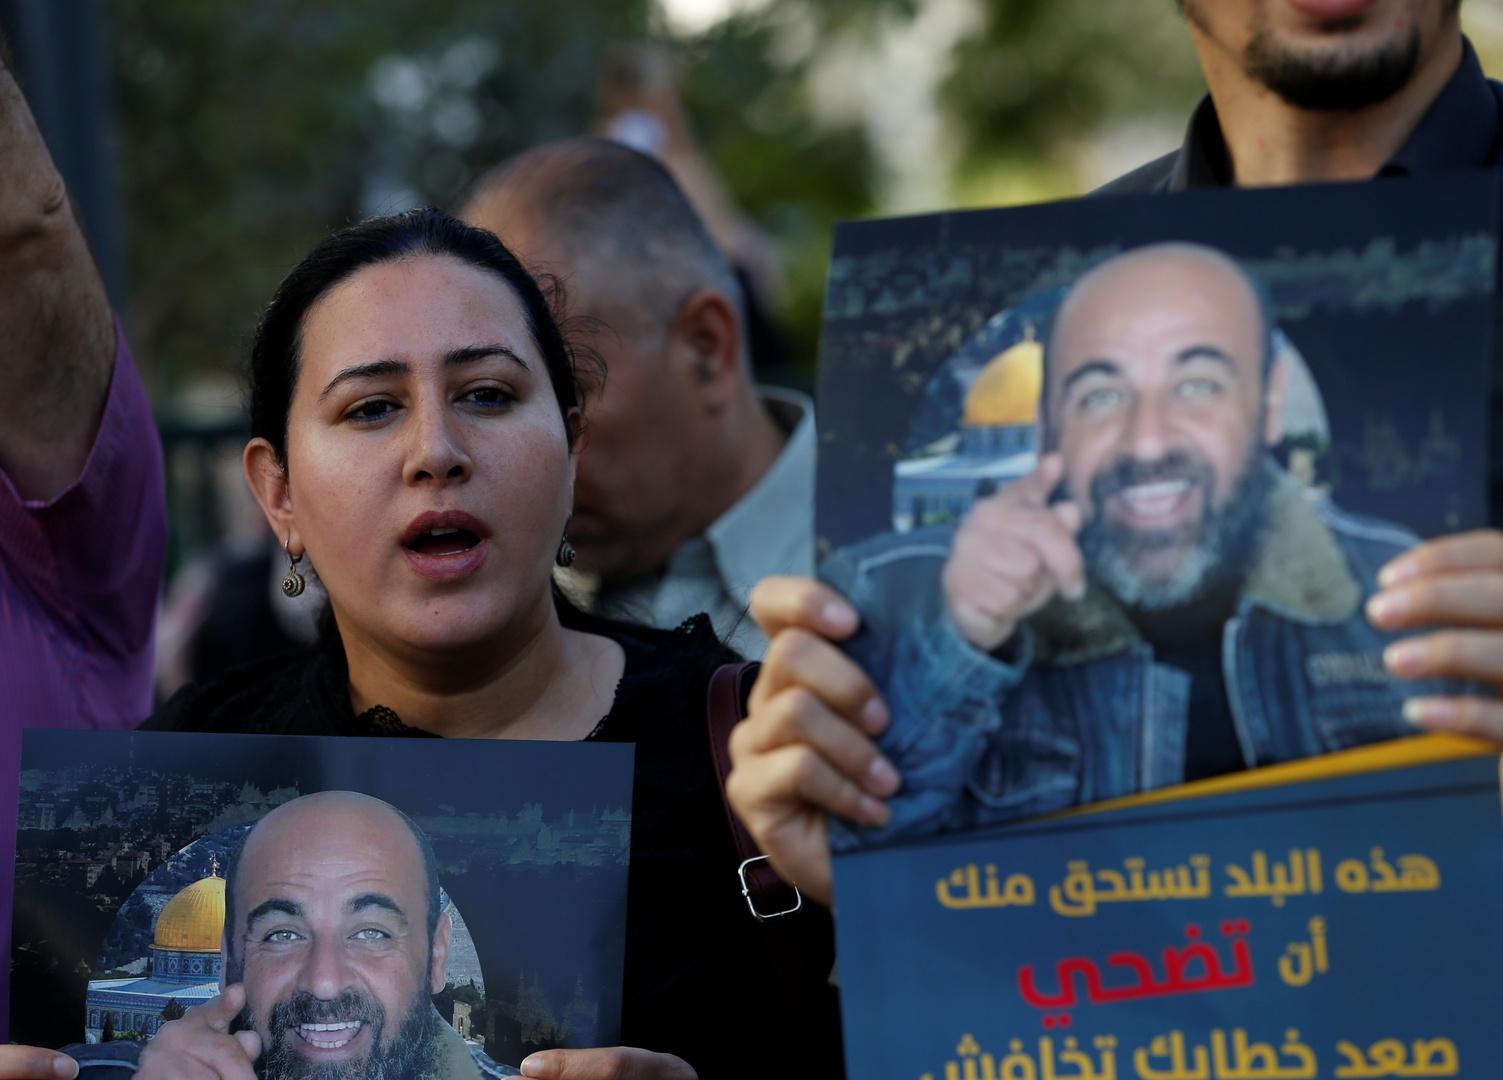 وزير العدل الفلسطيني يكشف عن مضمون التقرير الطبي الأولي  لوفاة نزار بنات